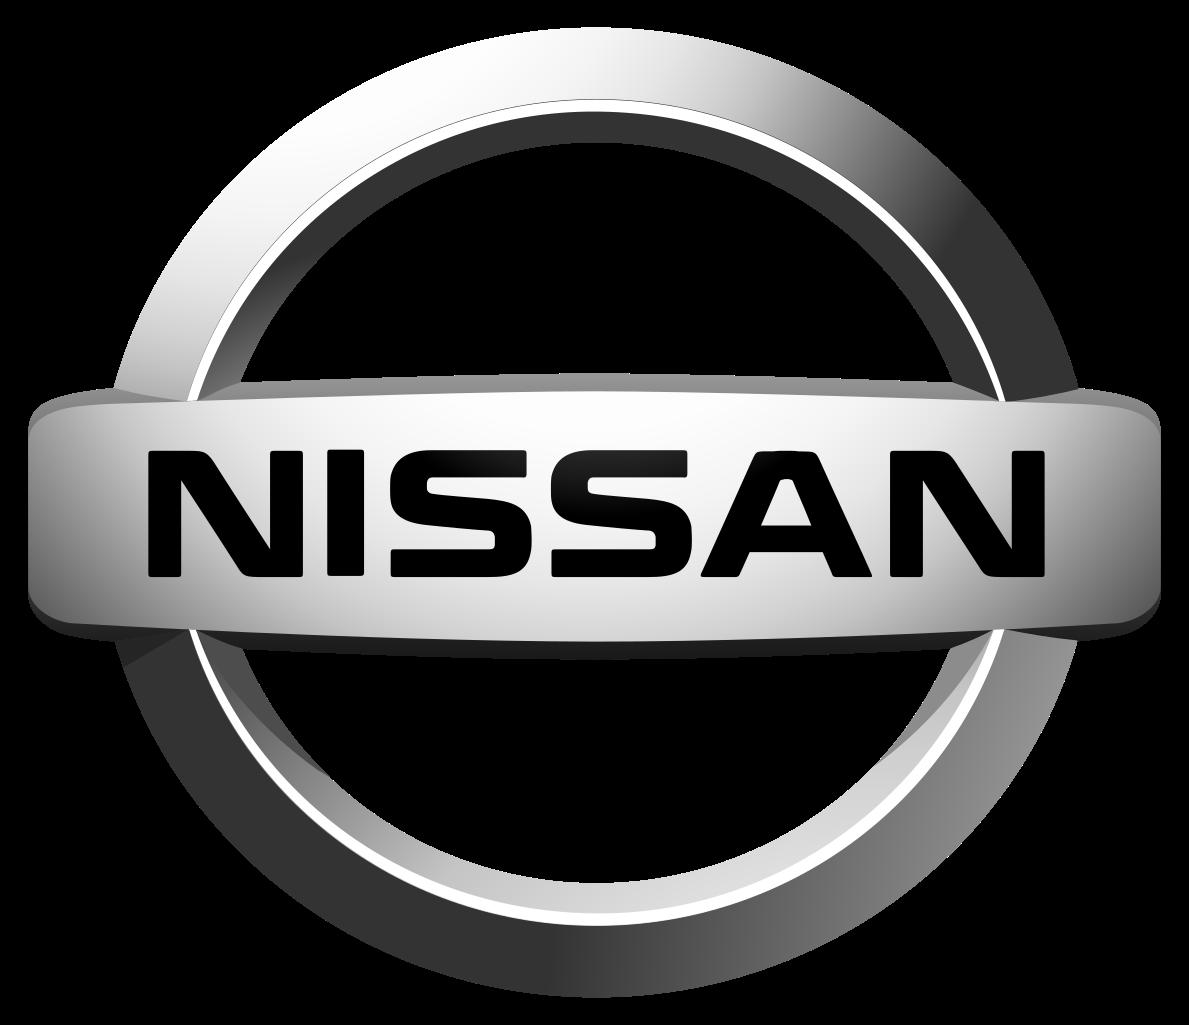 Nissan_Heftruck_logo